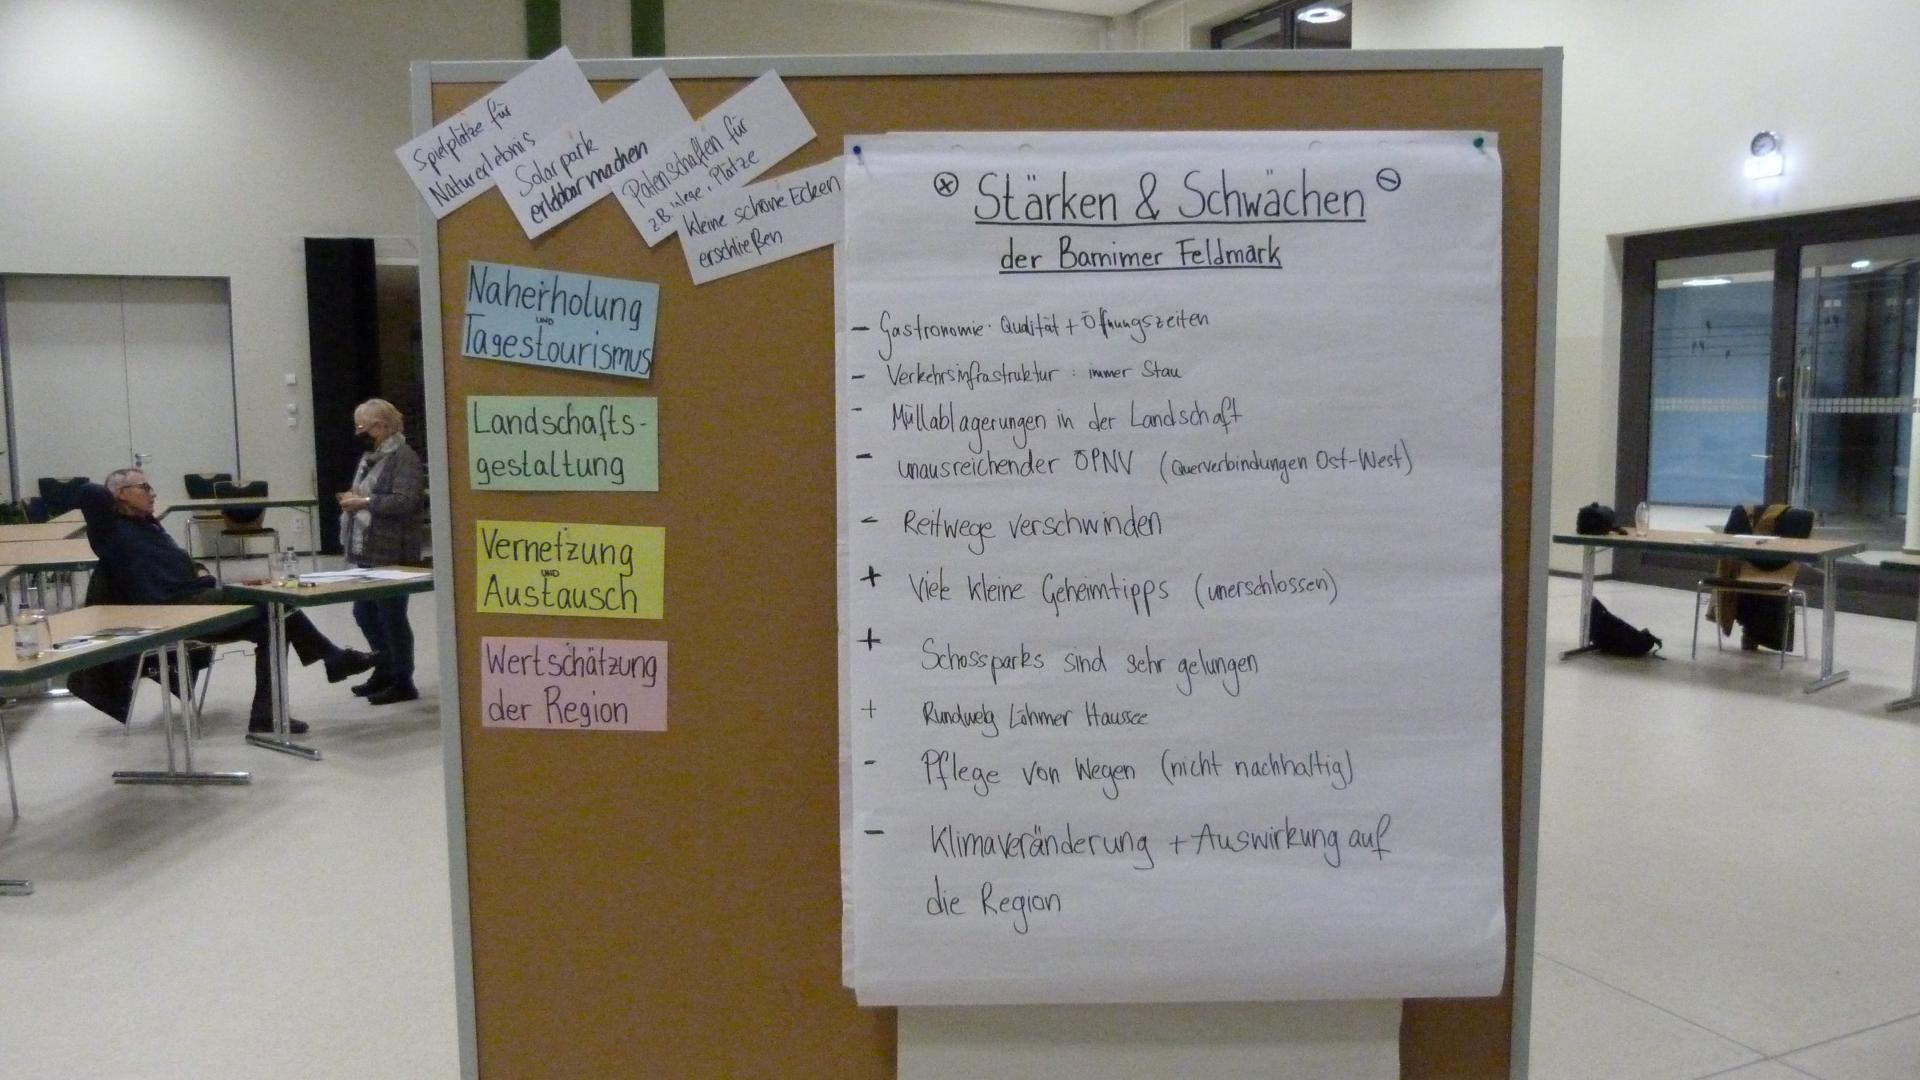 Pinwand auf einem der Beteiligungs-Workshops zur Fortschreibung des Konzepts